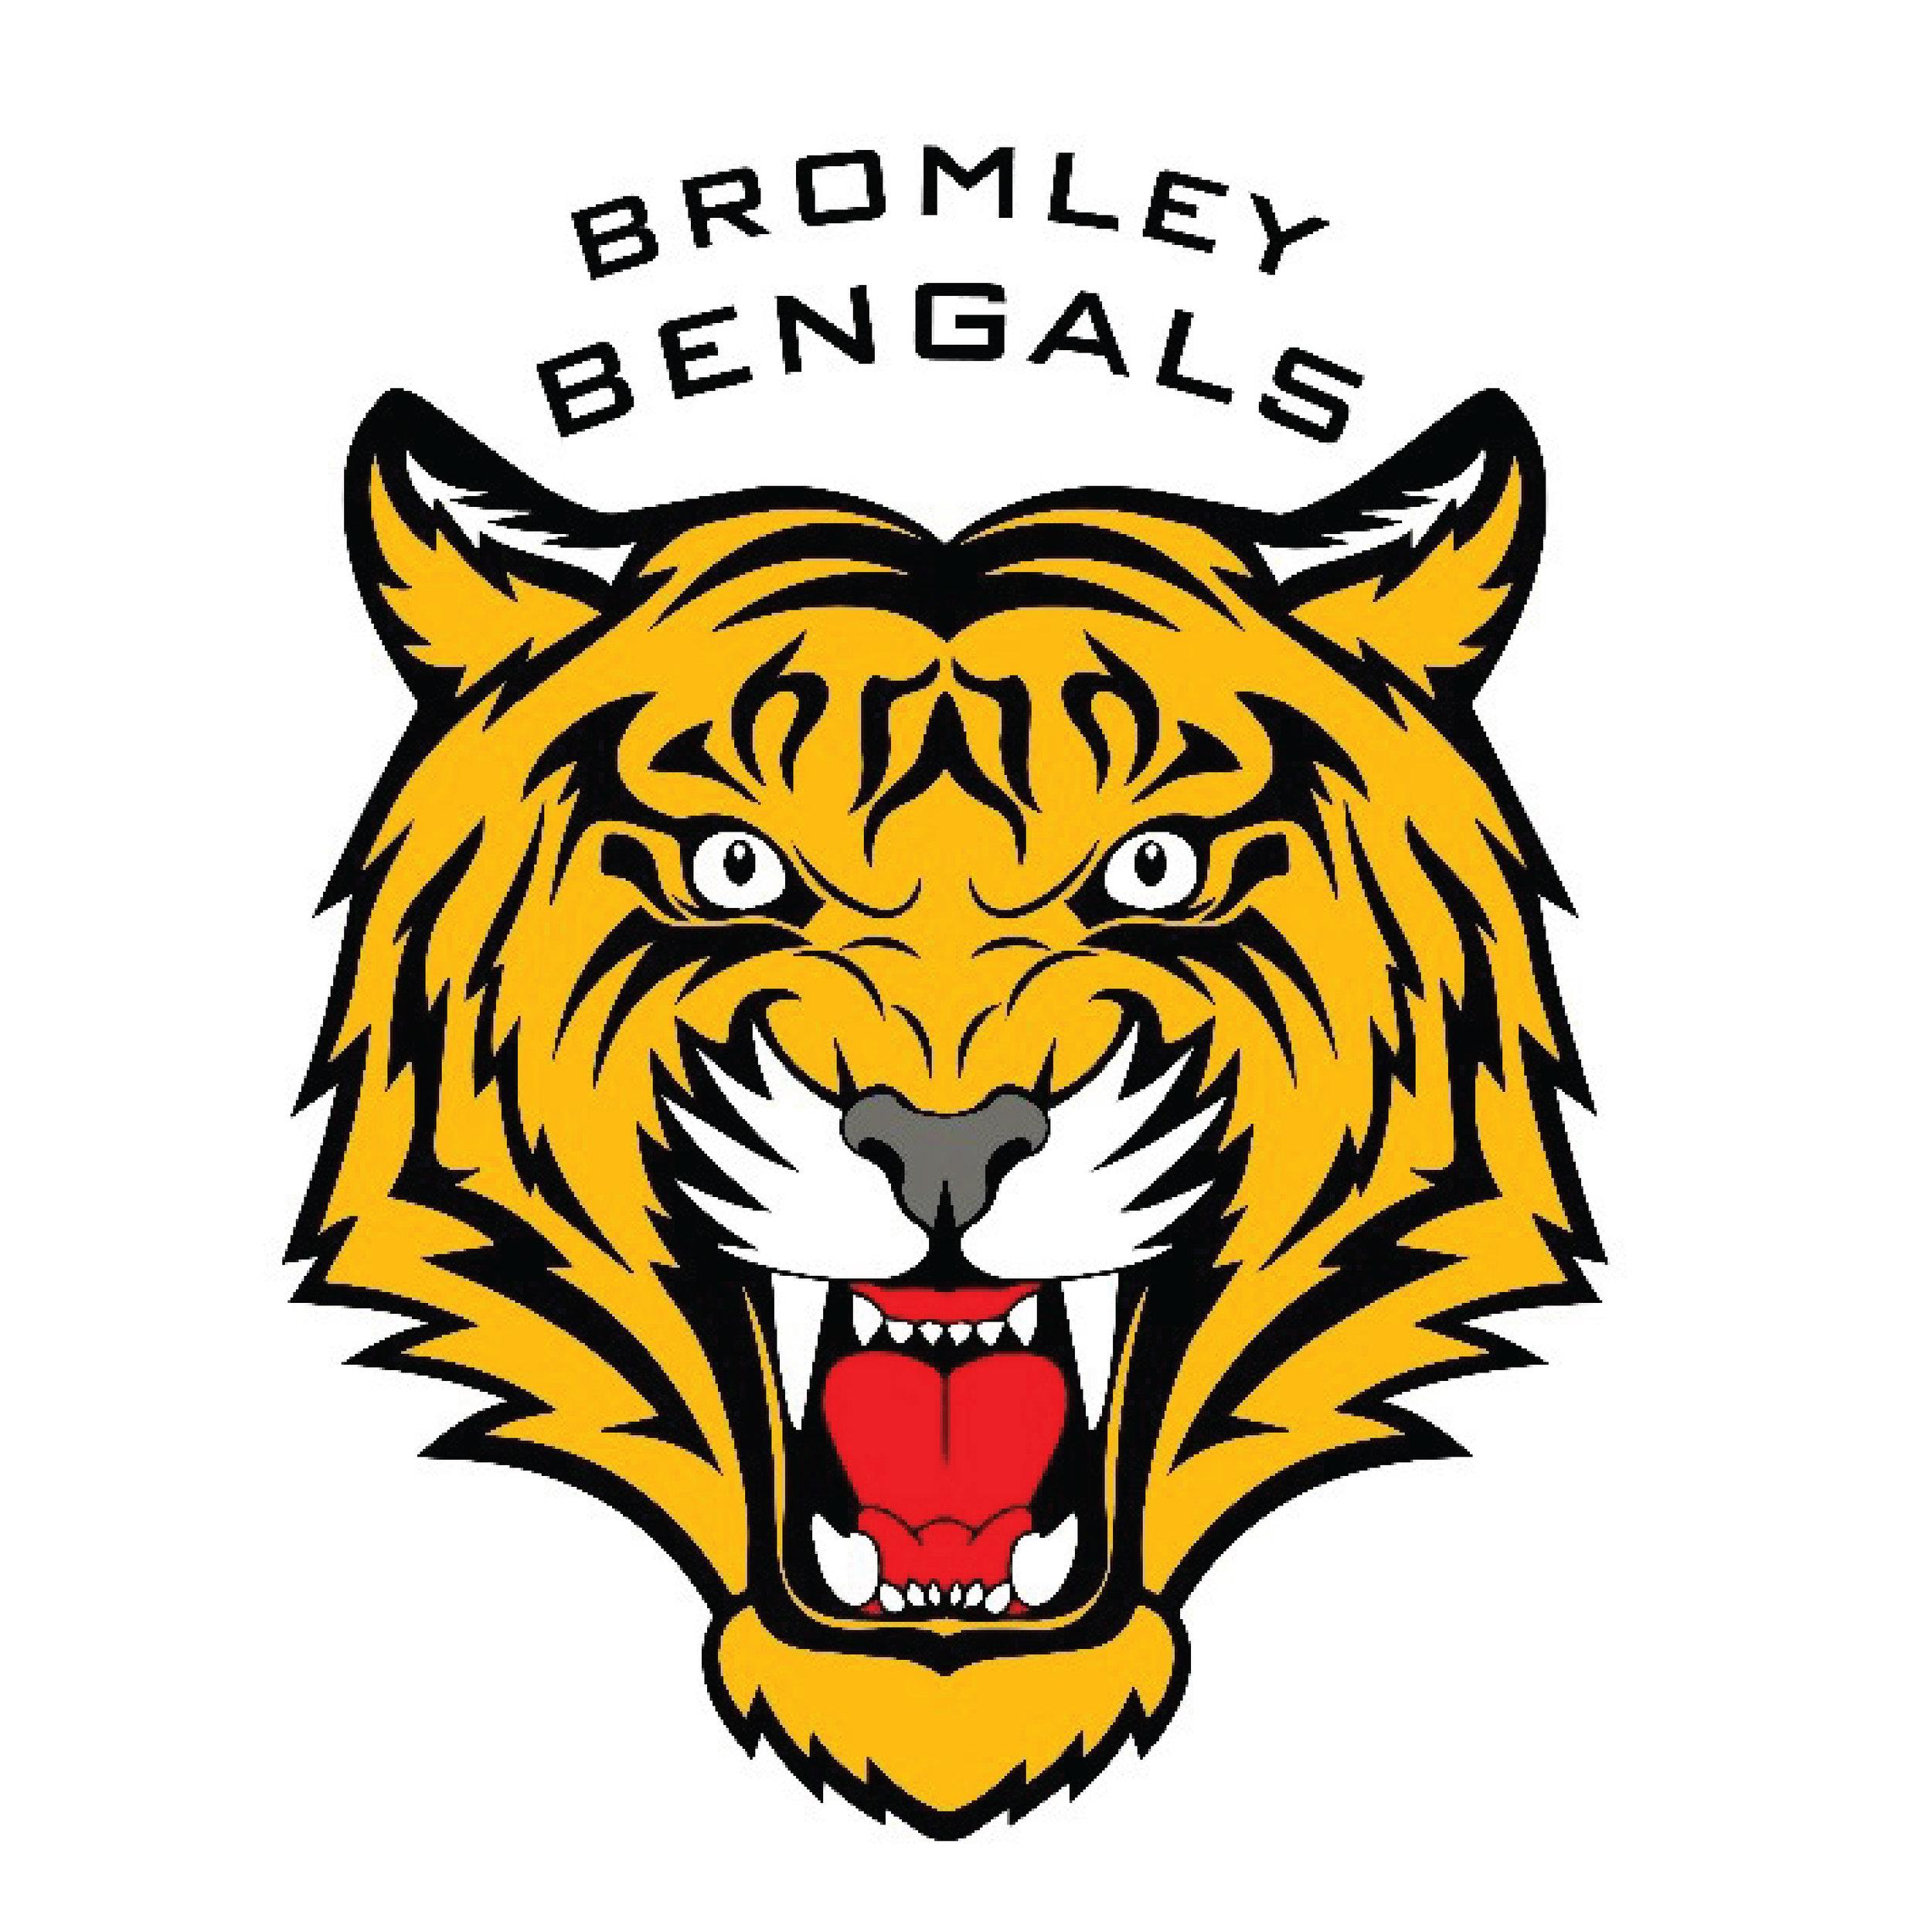 3. BROMLEY BENGALS